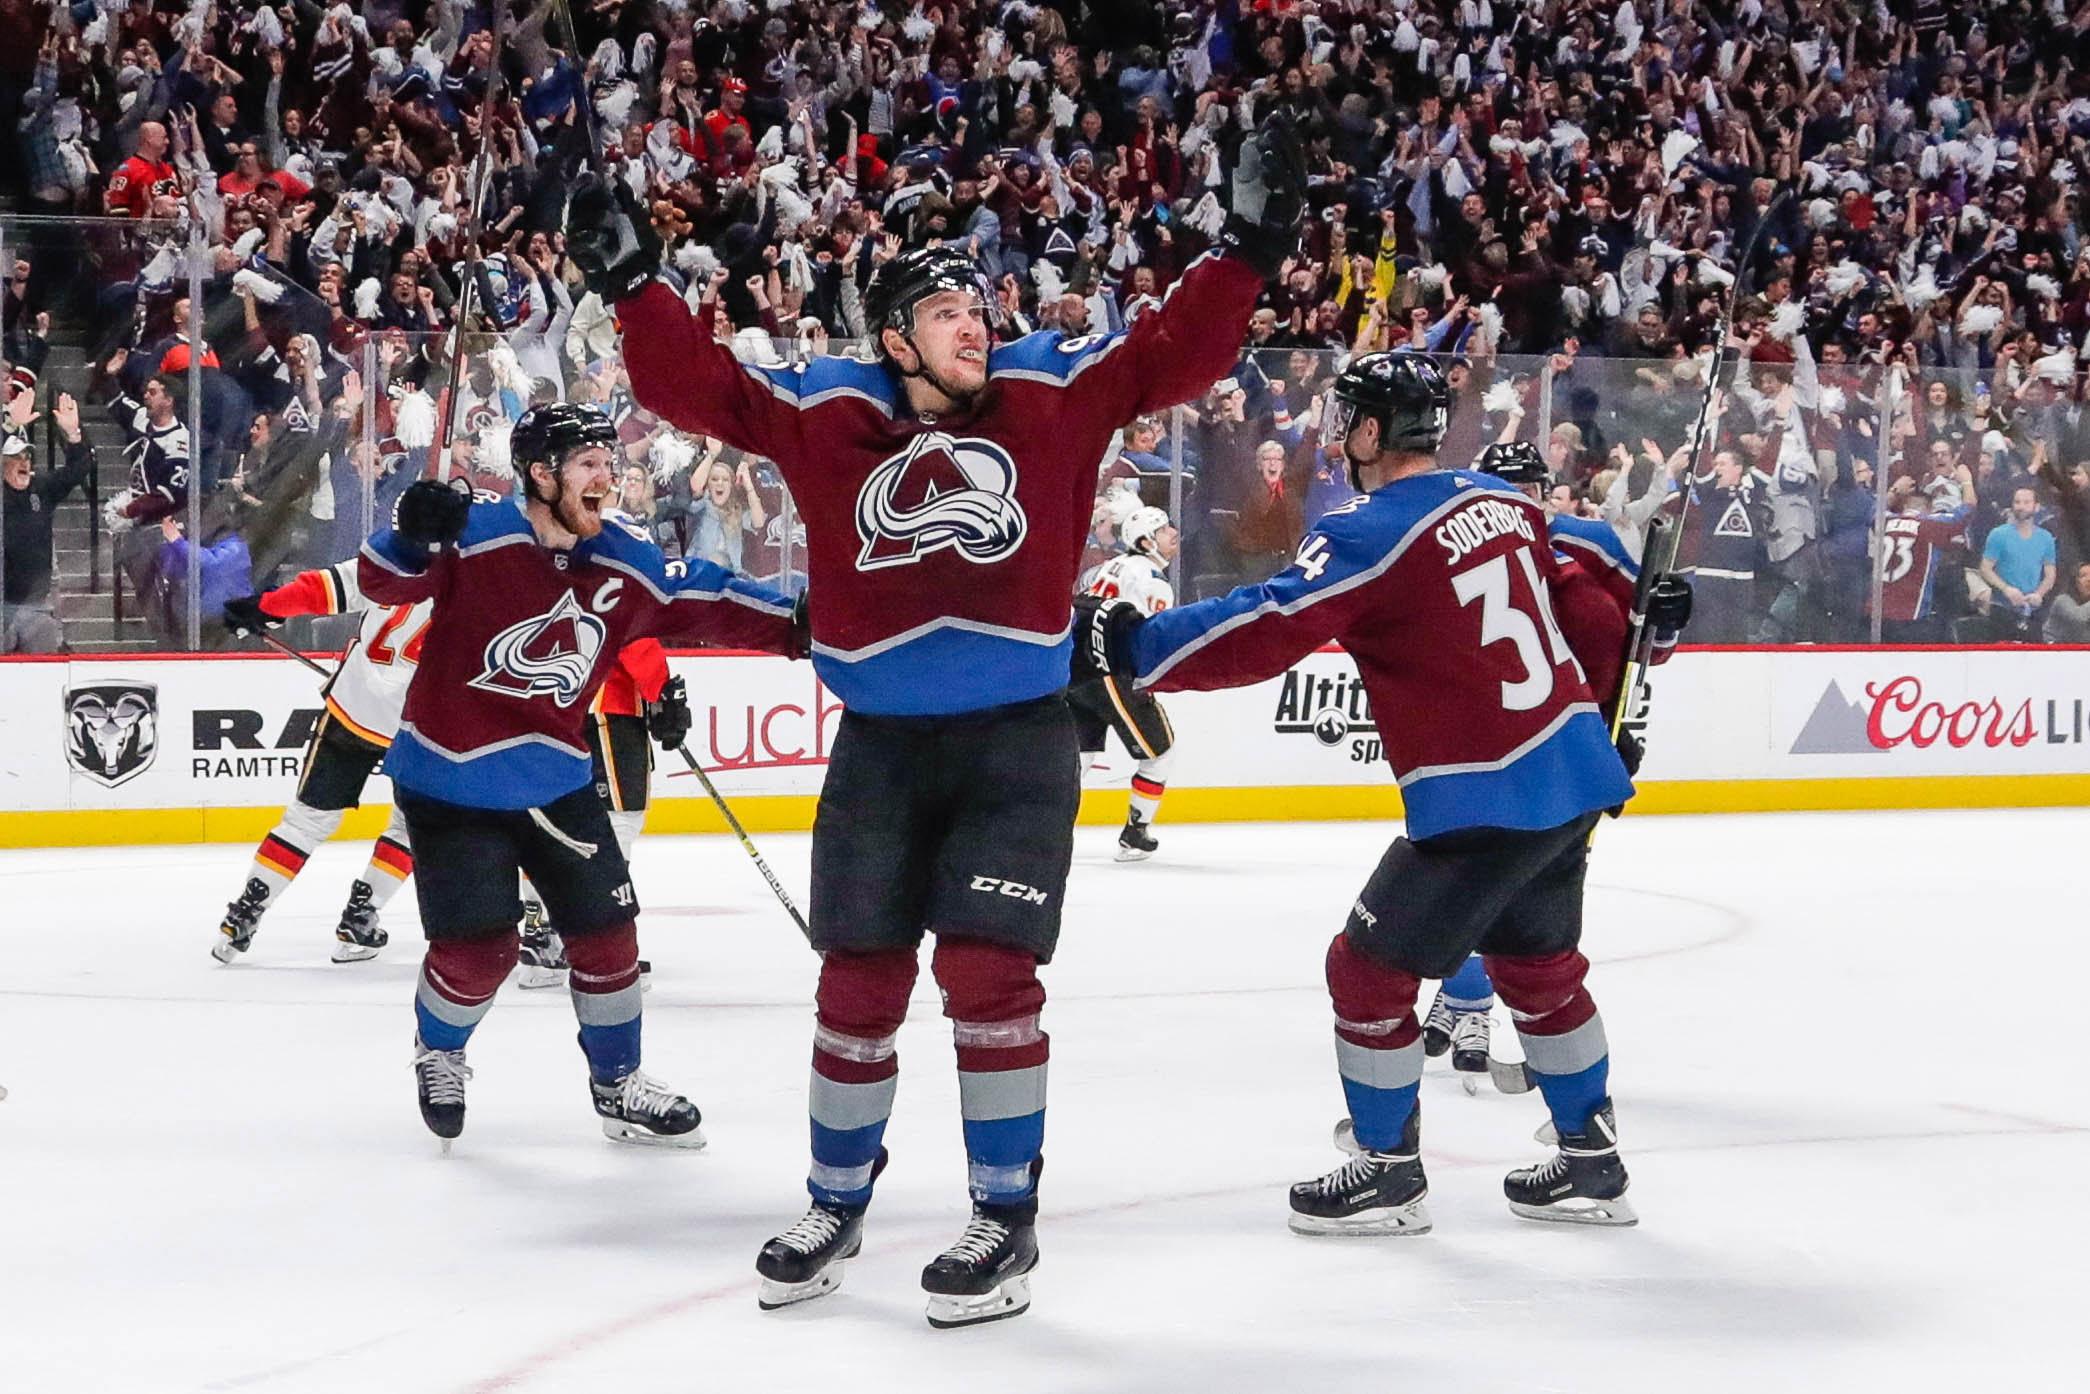 Rantanen kuuluu Avalanchen ja koko NHL:n kovimpiin voimahyökkääjiin.